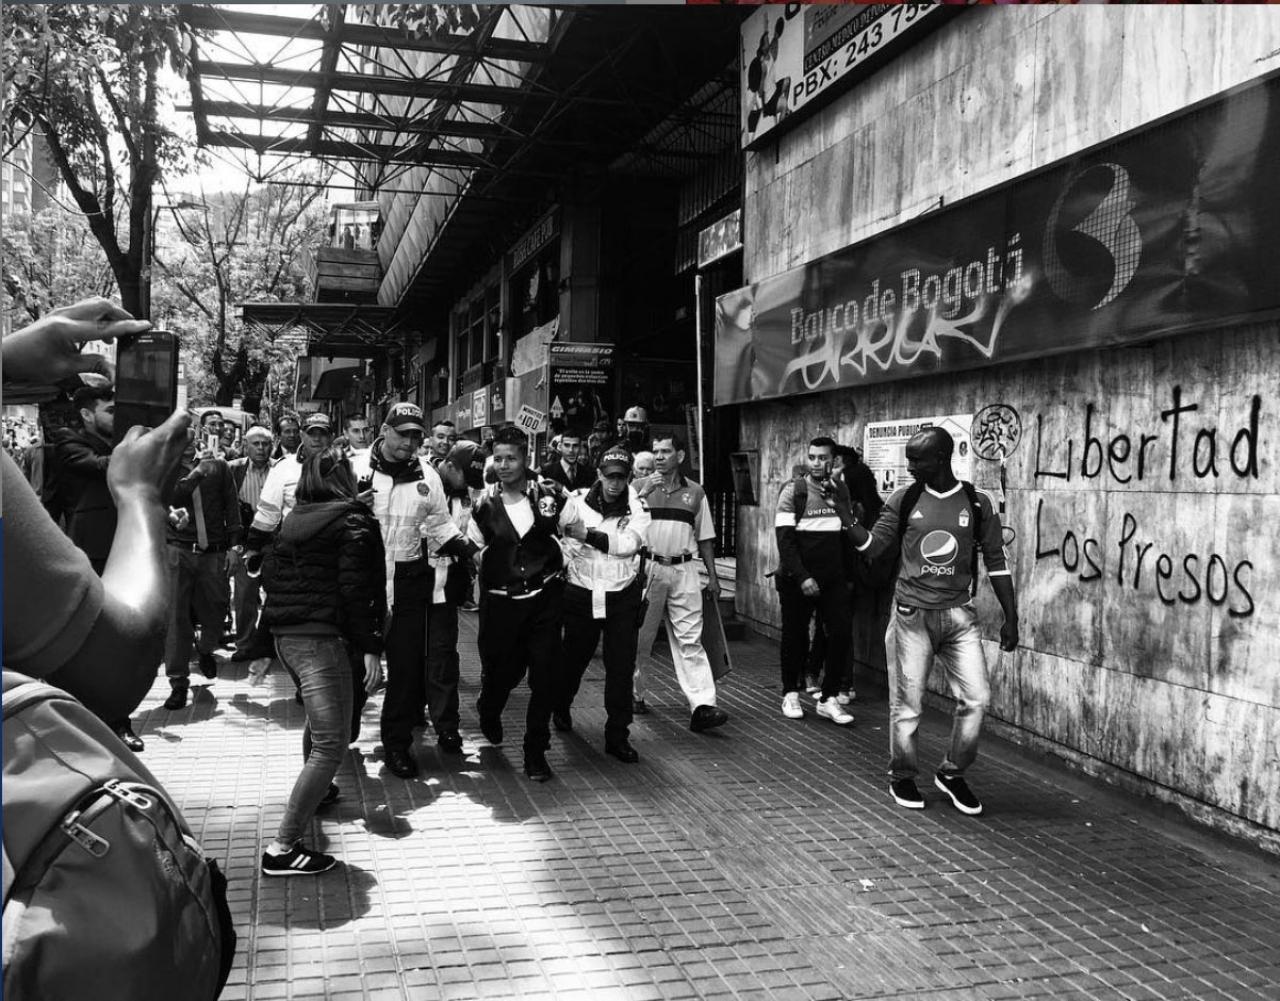 Alcaldía de Bogotá contratará a 1.500 policías más a finales de año para combatir la inseguridad de la capital